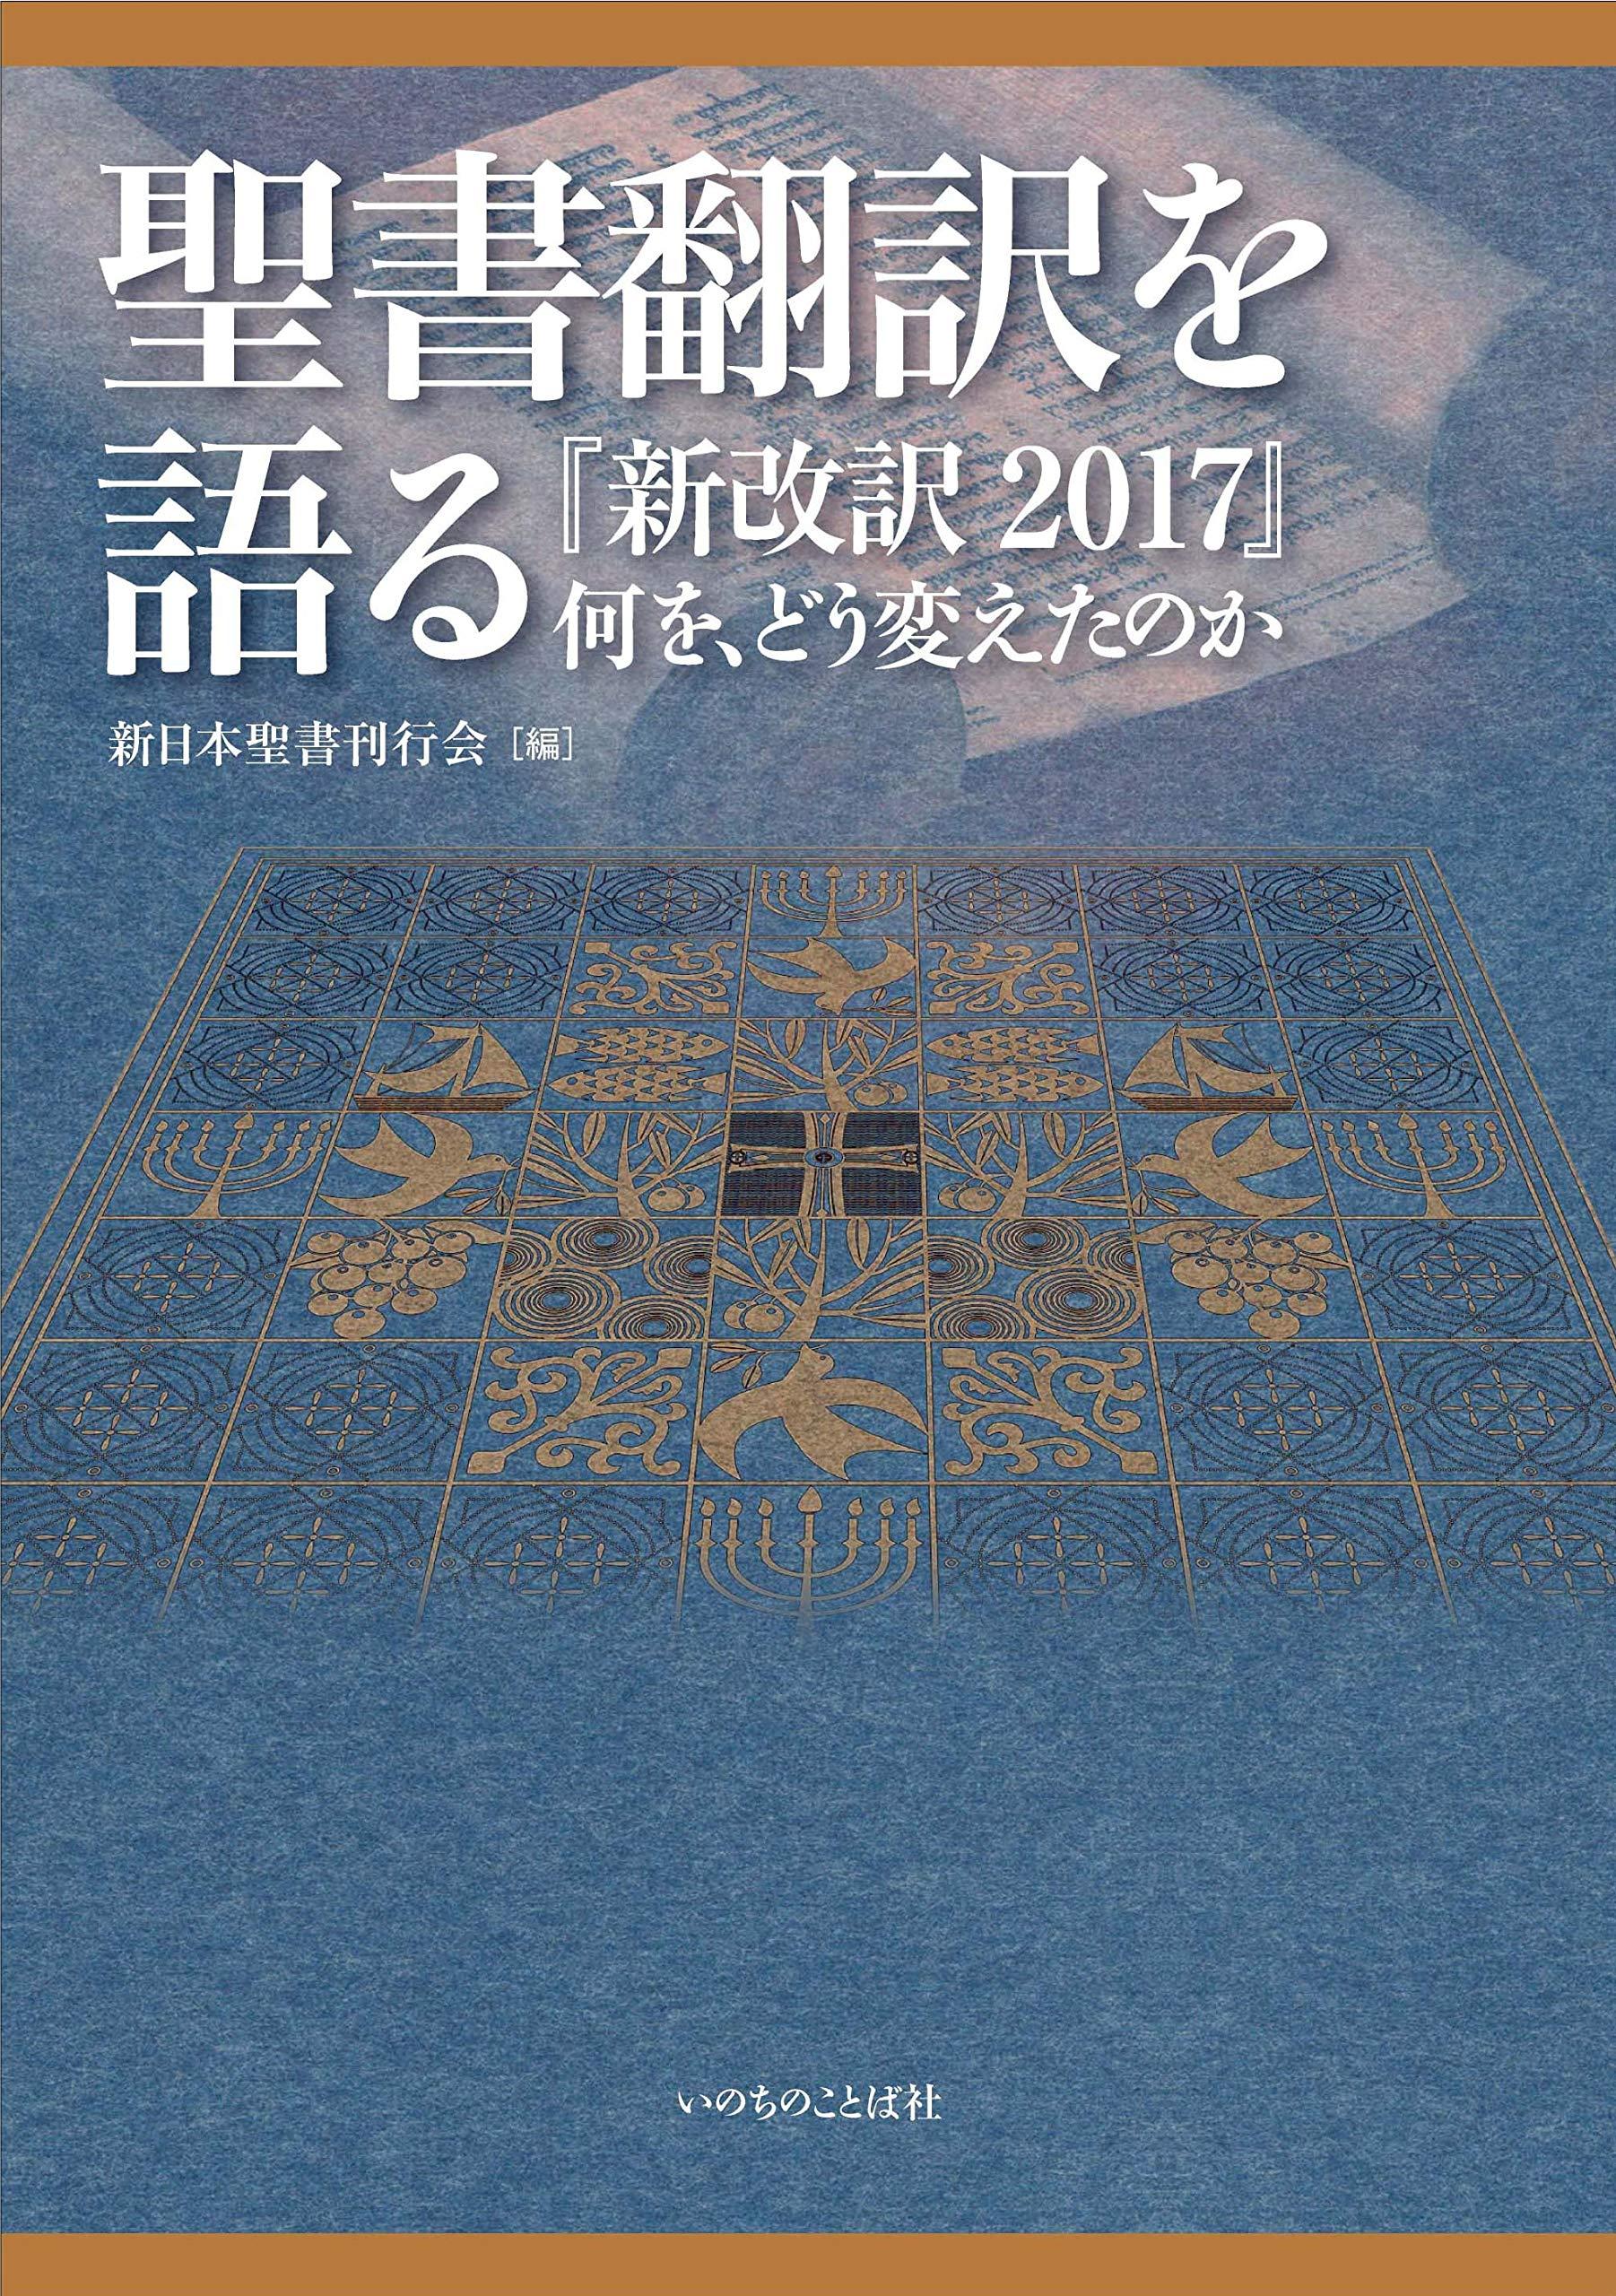 聖書翻訳を語る 『新改訳2017』...